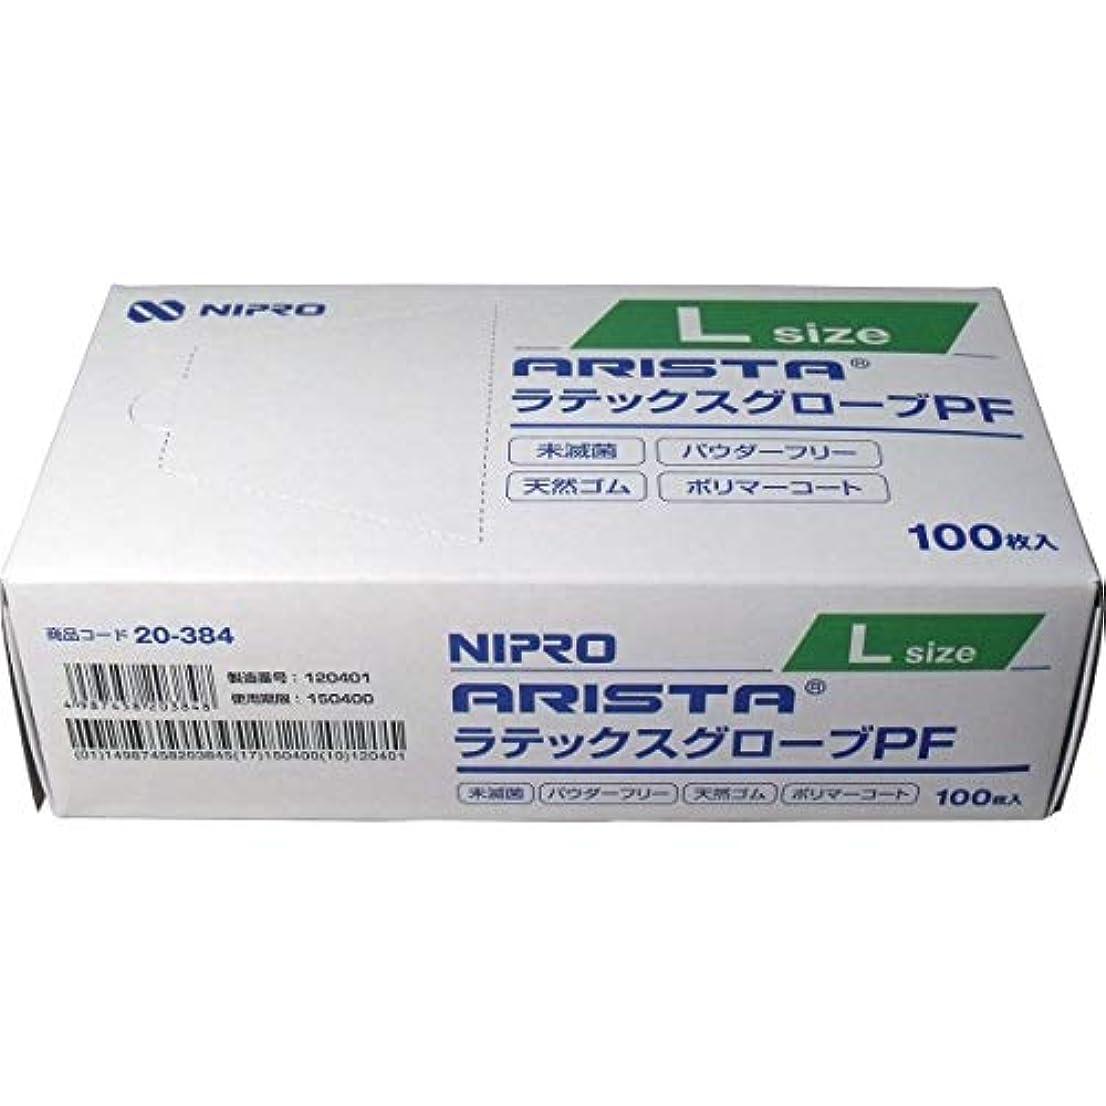 幽霊提供された価値ニプロ ラテックスグローブ(天然ゴム手袋) パウダーフリー Lサイズ 100枚入×5個セット(管理番号 4987458203848)